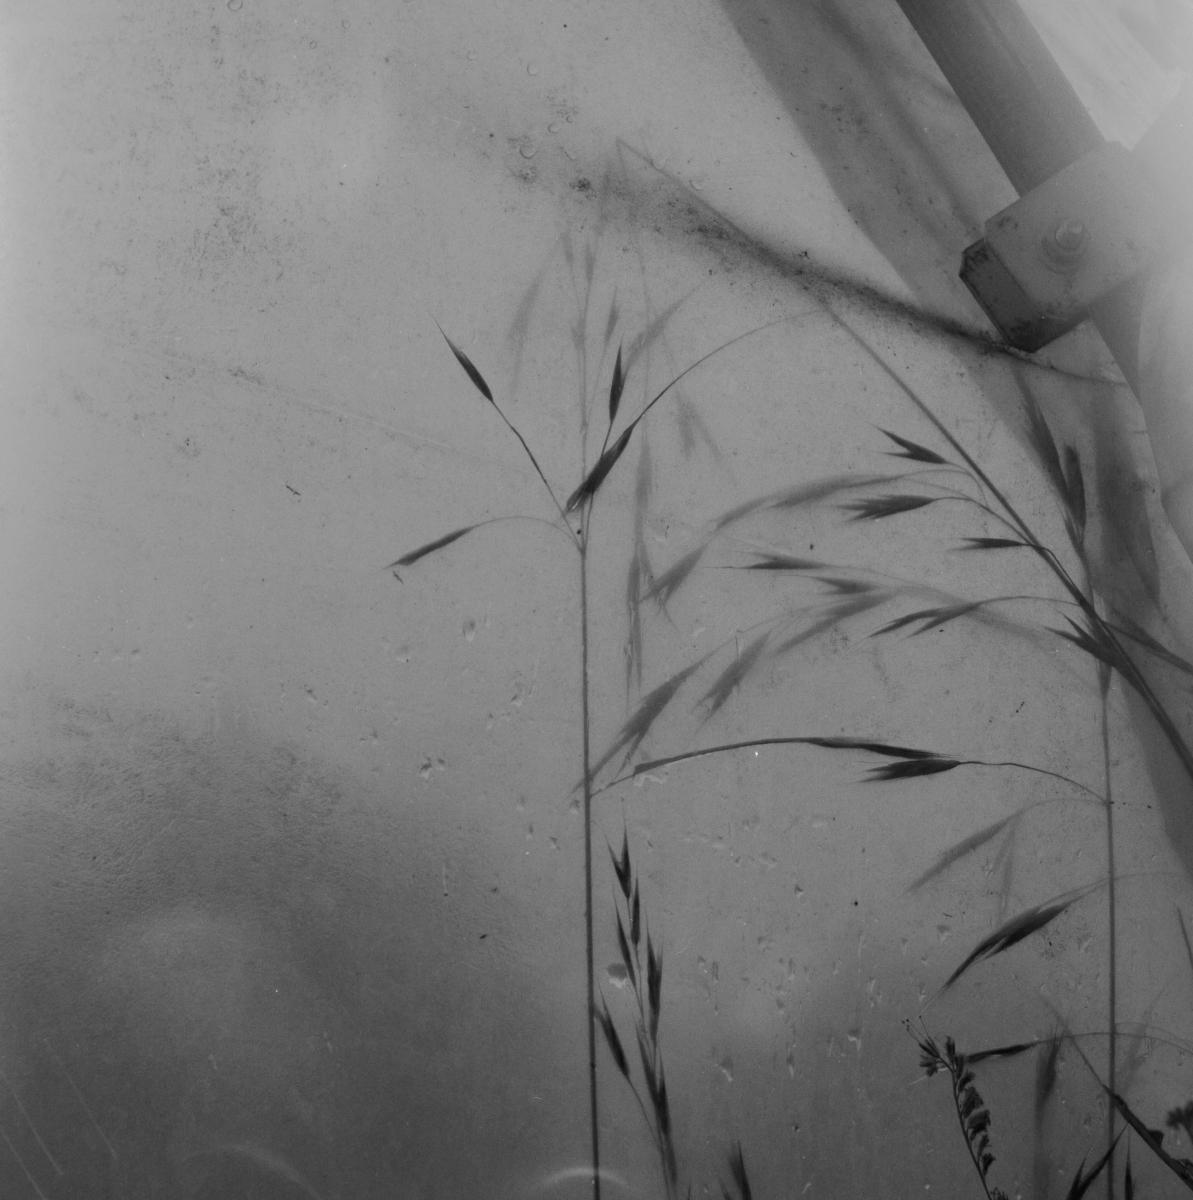 le-phaux-film-4-012